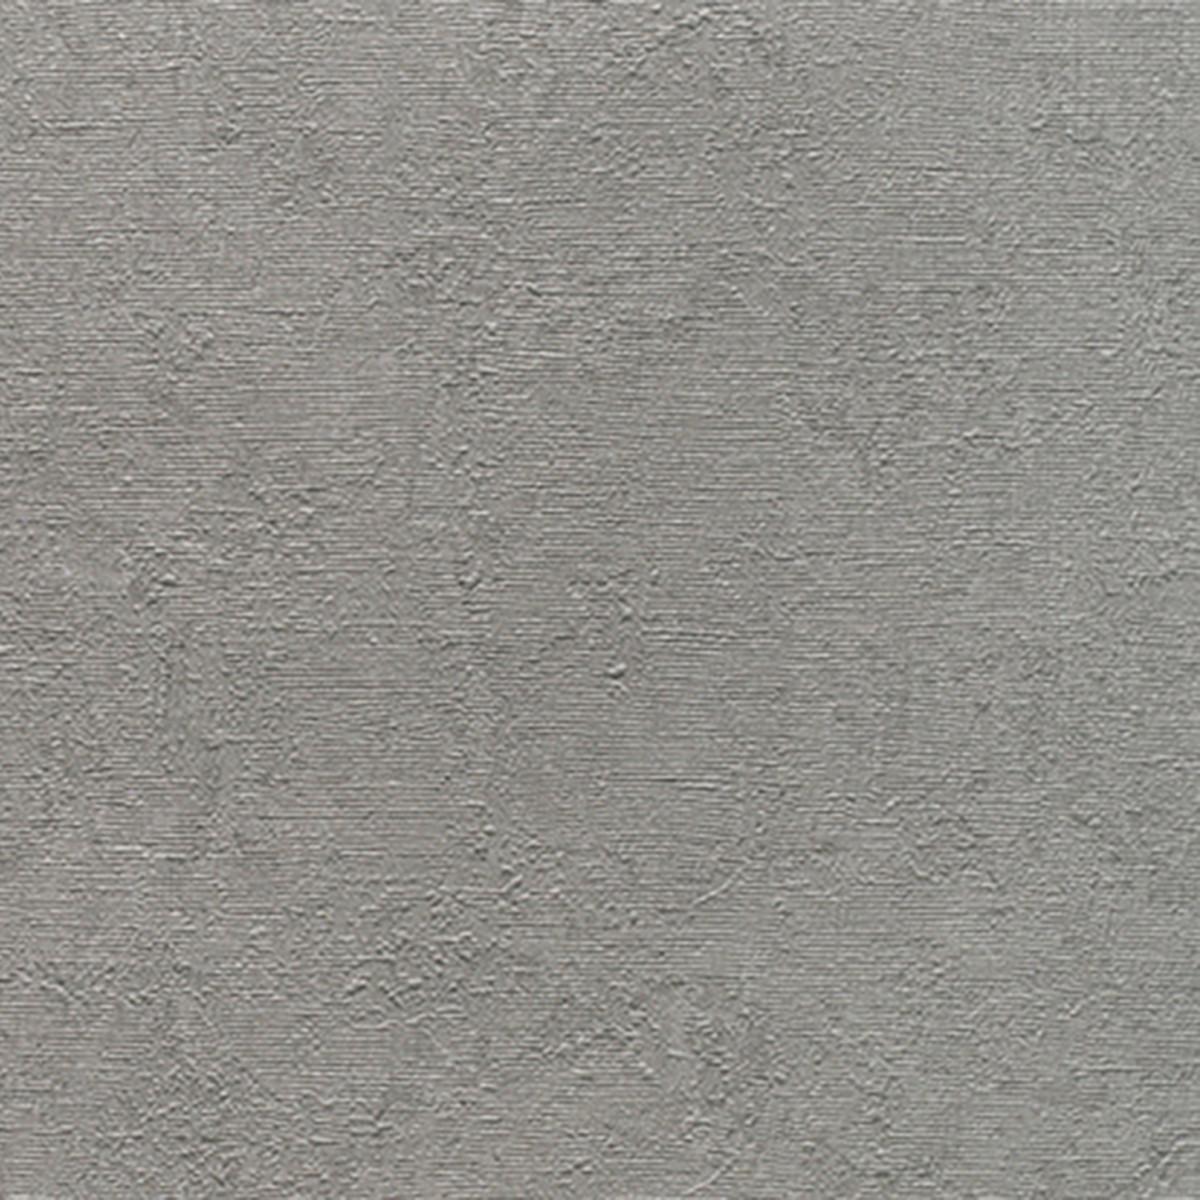 Обои флизелиновые Elysium Флора серые 1.06 м 37607